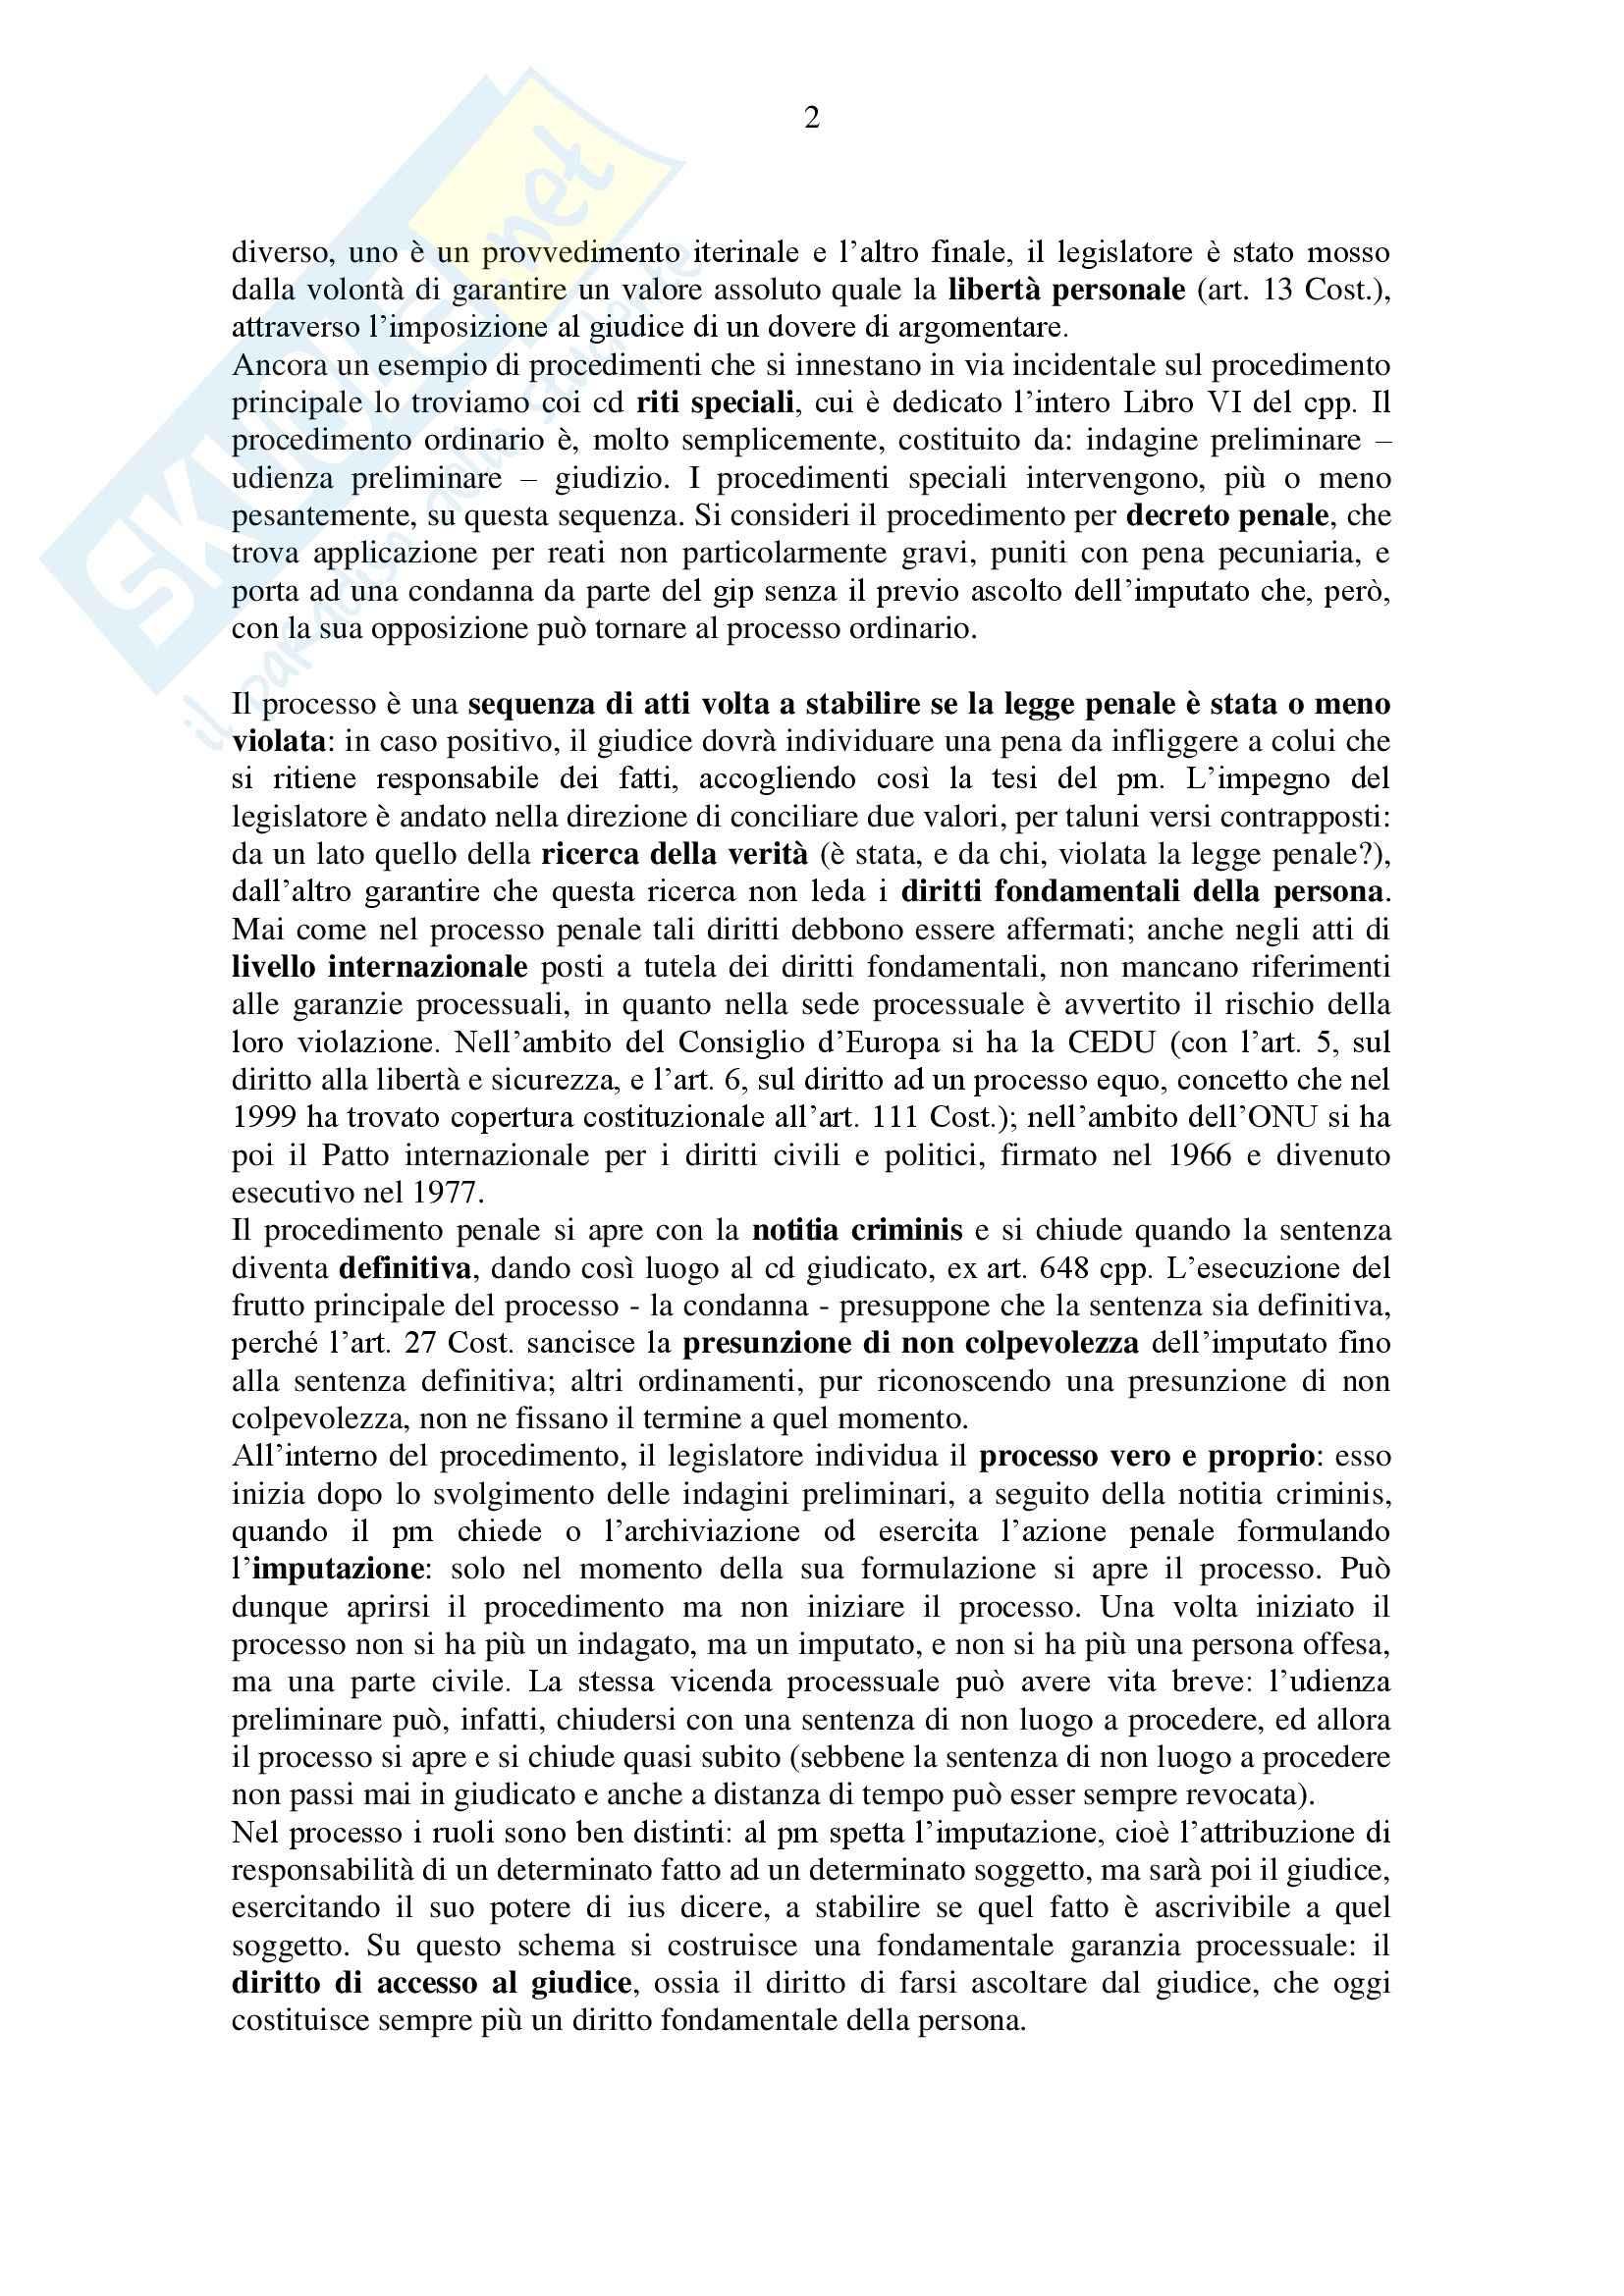 Procedura penale - Appunti Pag. 2